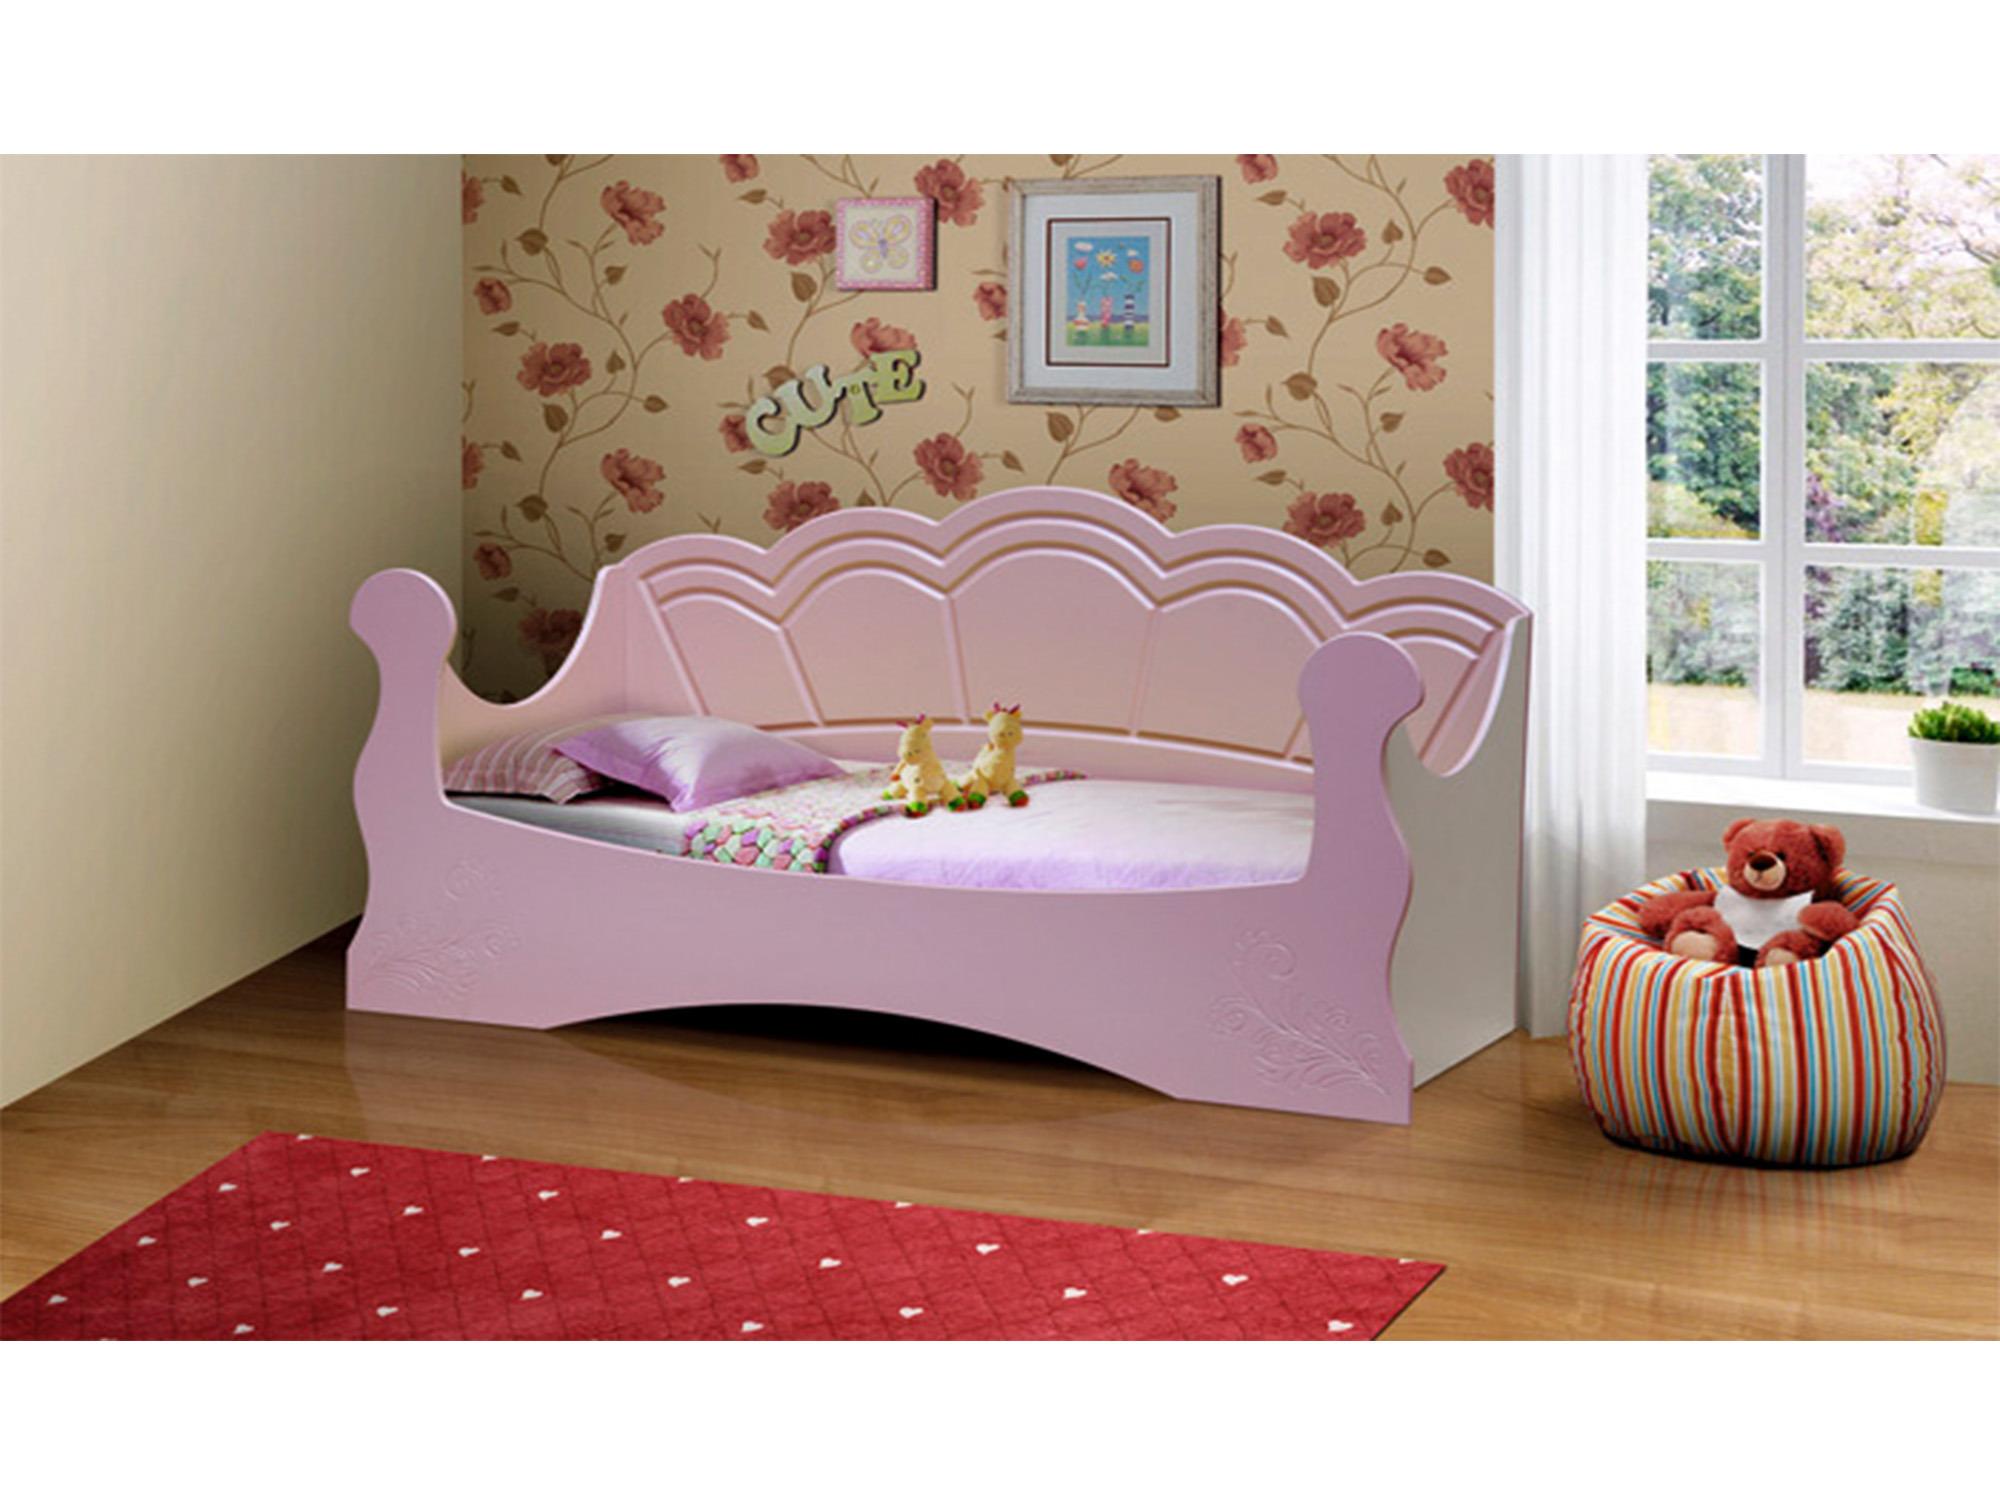 Кровать ФеяДетские кровати<br><br><br>Длина мм: 1900<br>Высота мм: 1000<br>Глубина мм: 840